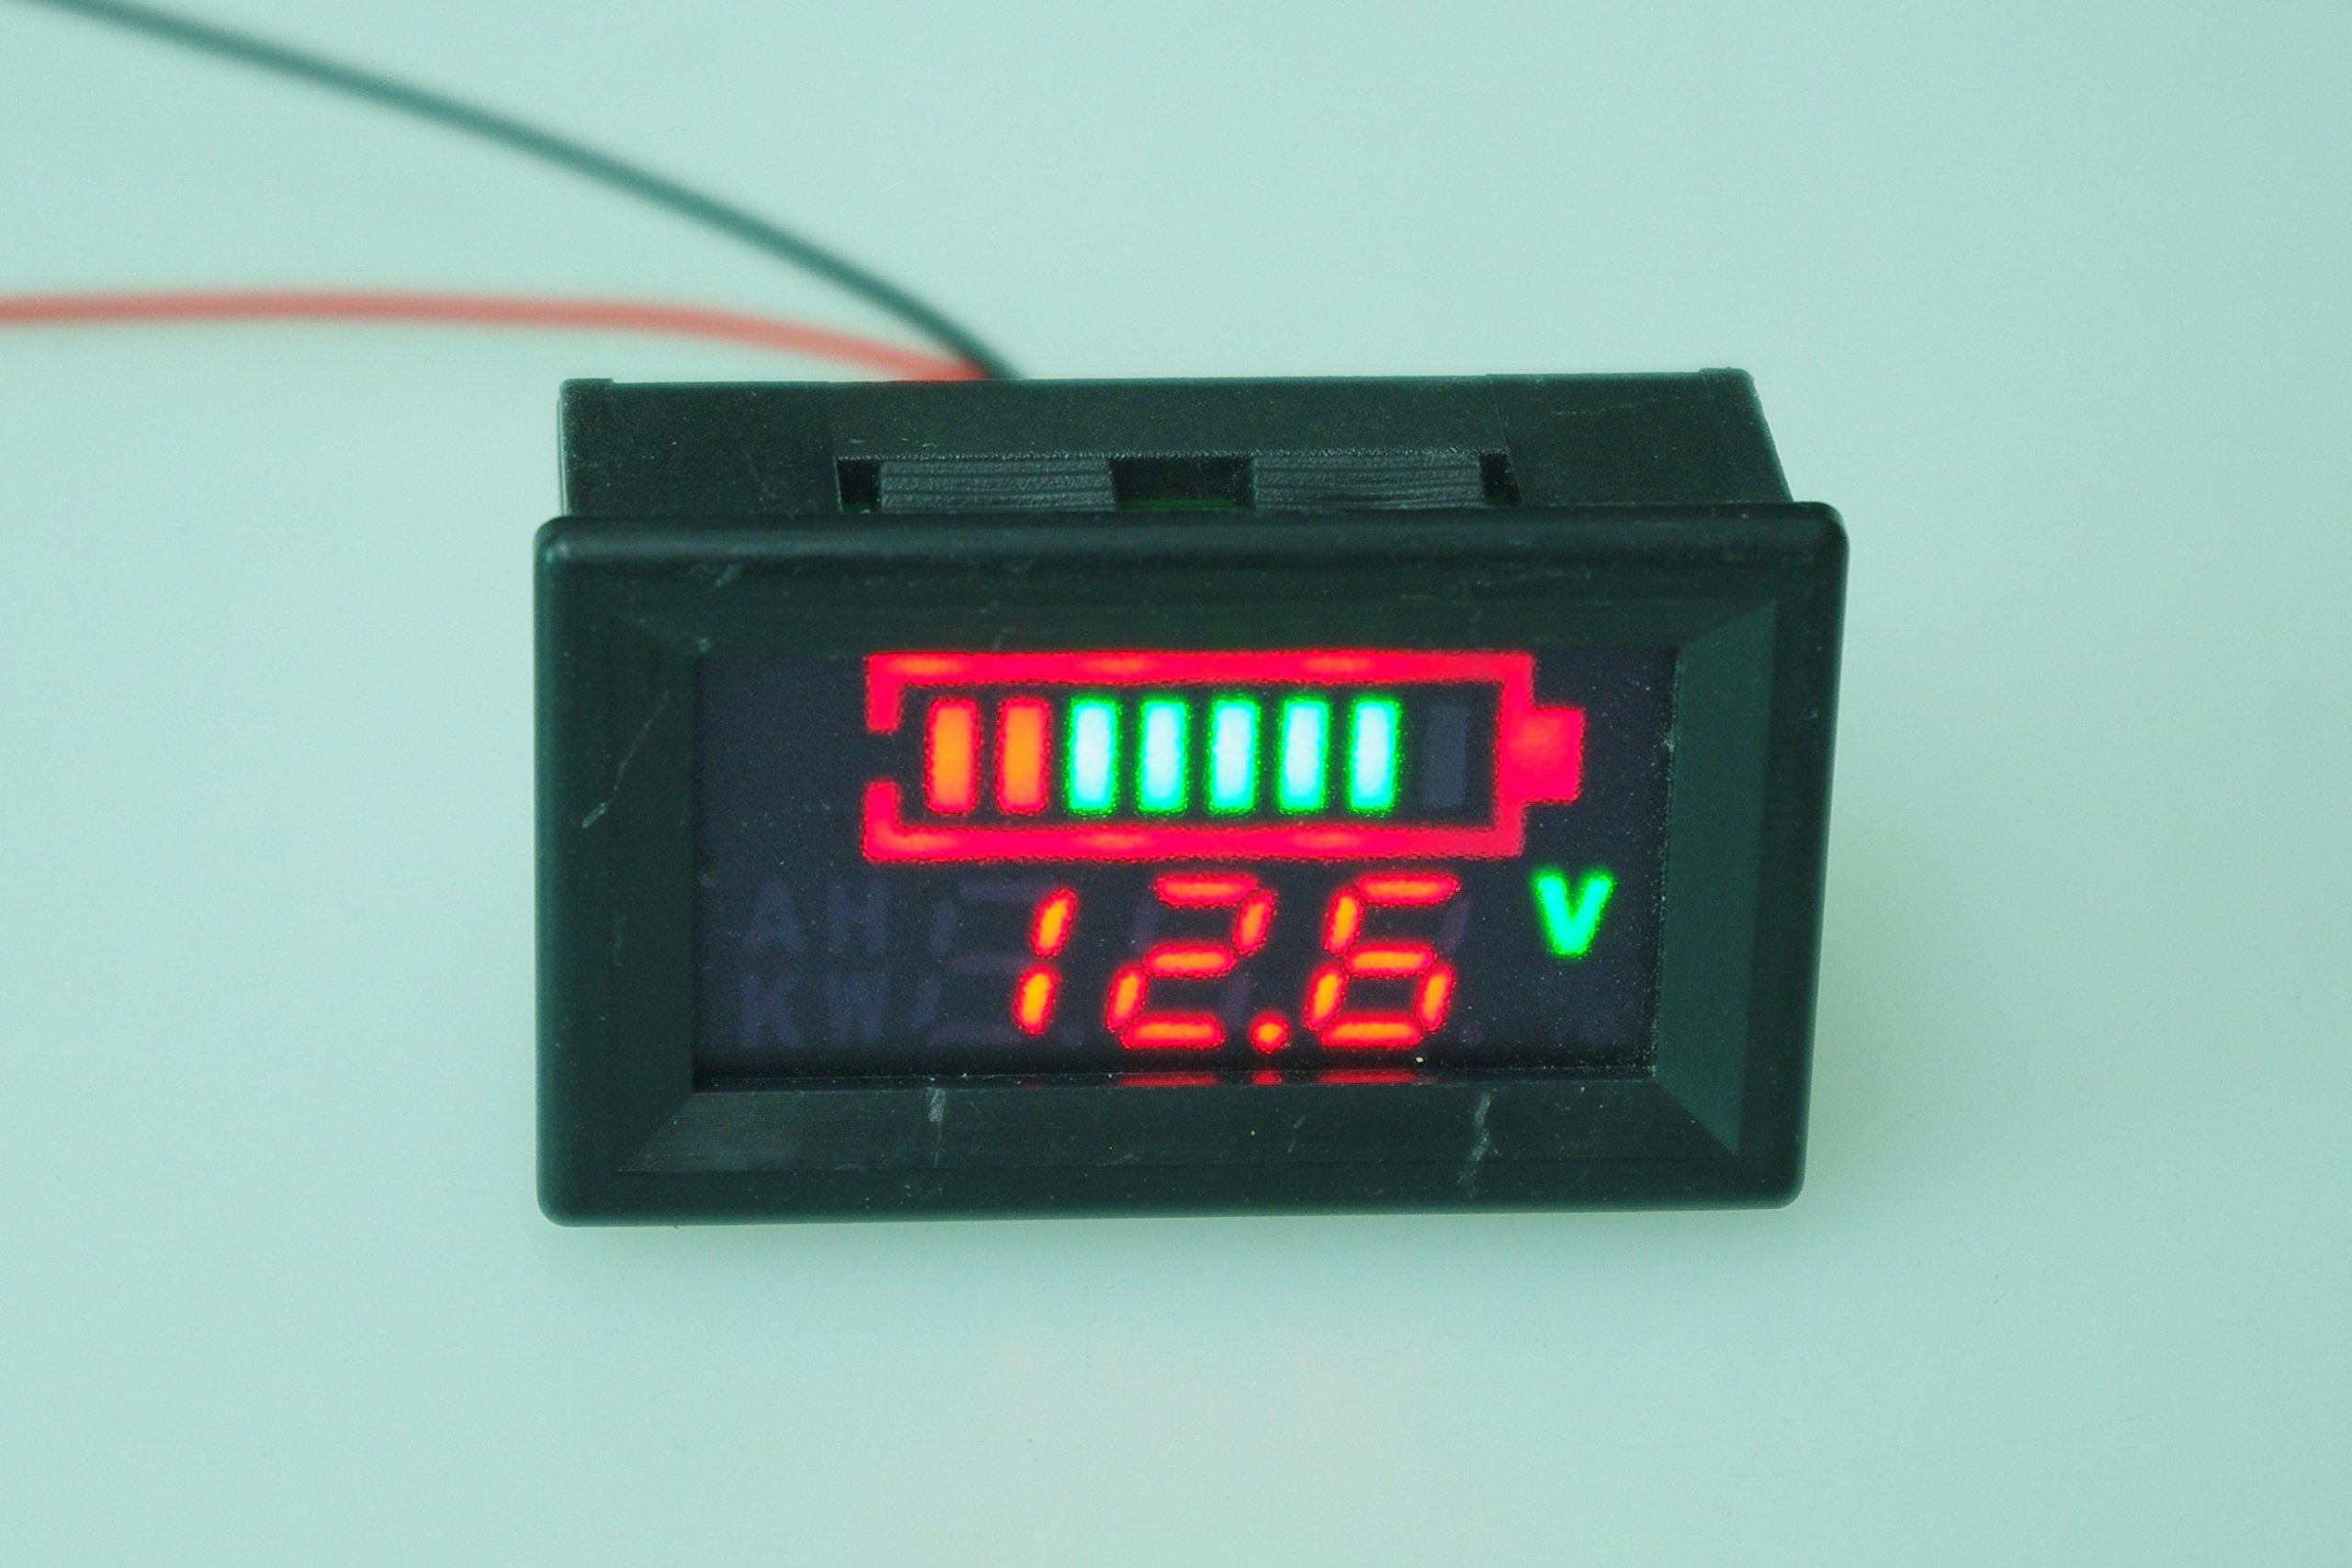 SMAKN DC 12v 24V 36V 48V 60V 72V 96V Acid lead batteries percentage capacity indicator LED Tester voltmeter With TTL OUTPUT by SMAKN (Image #2)